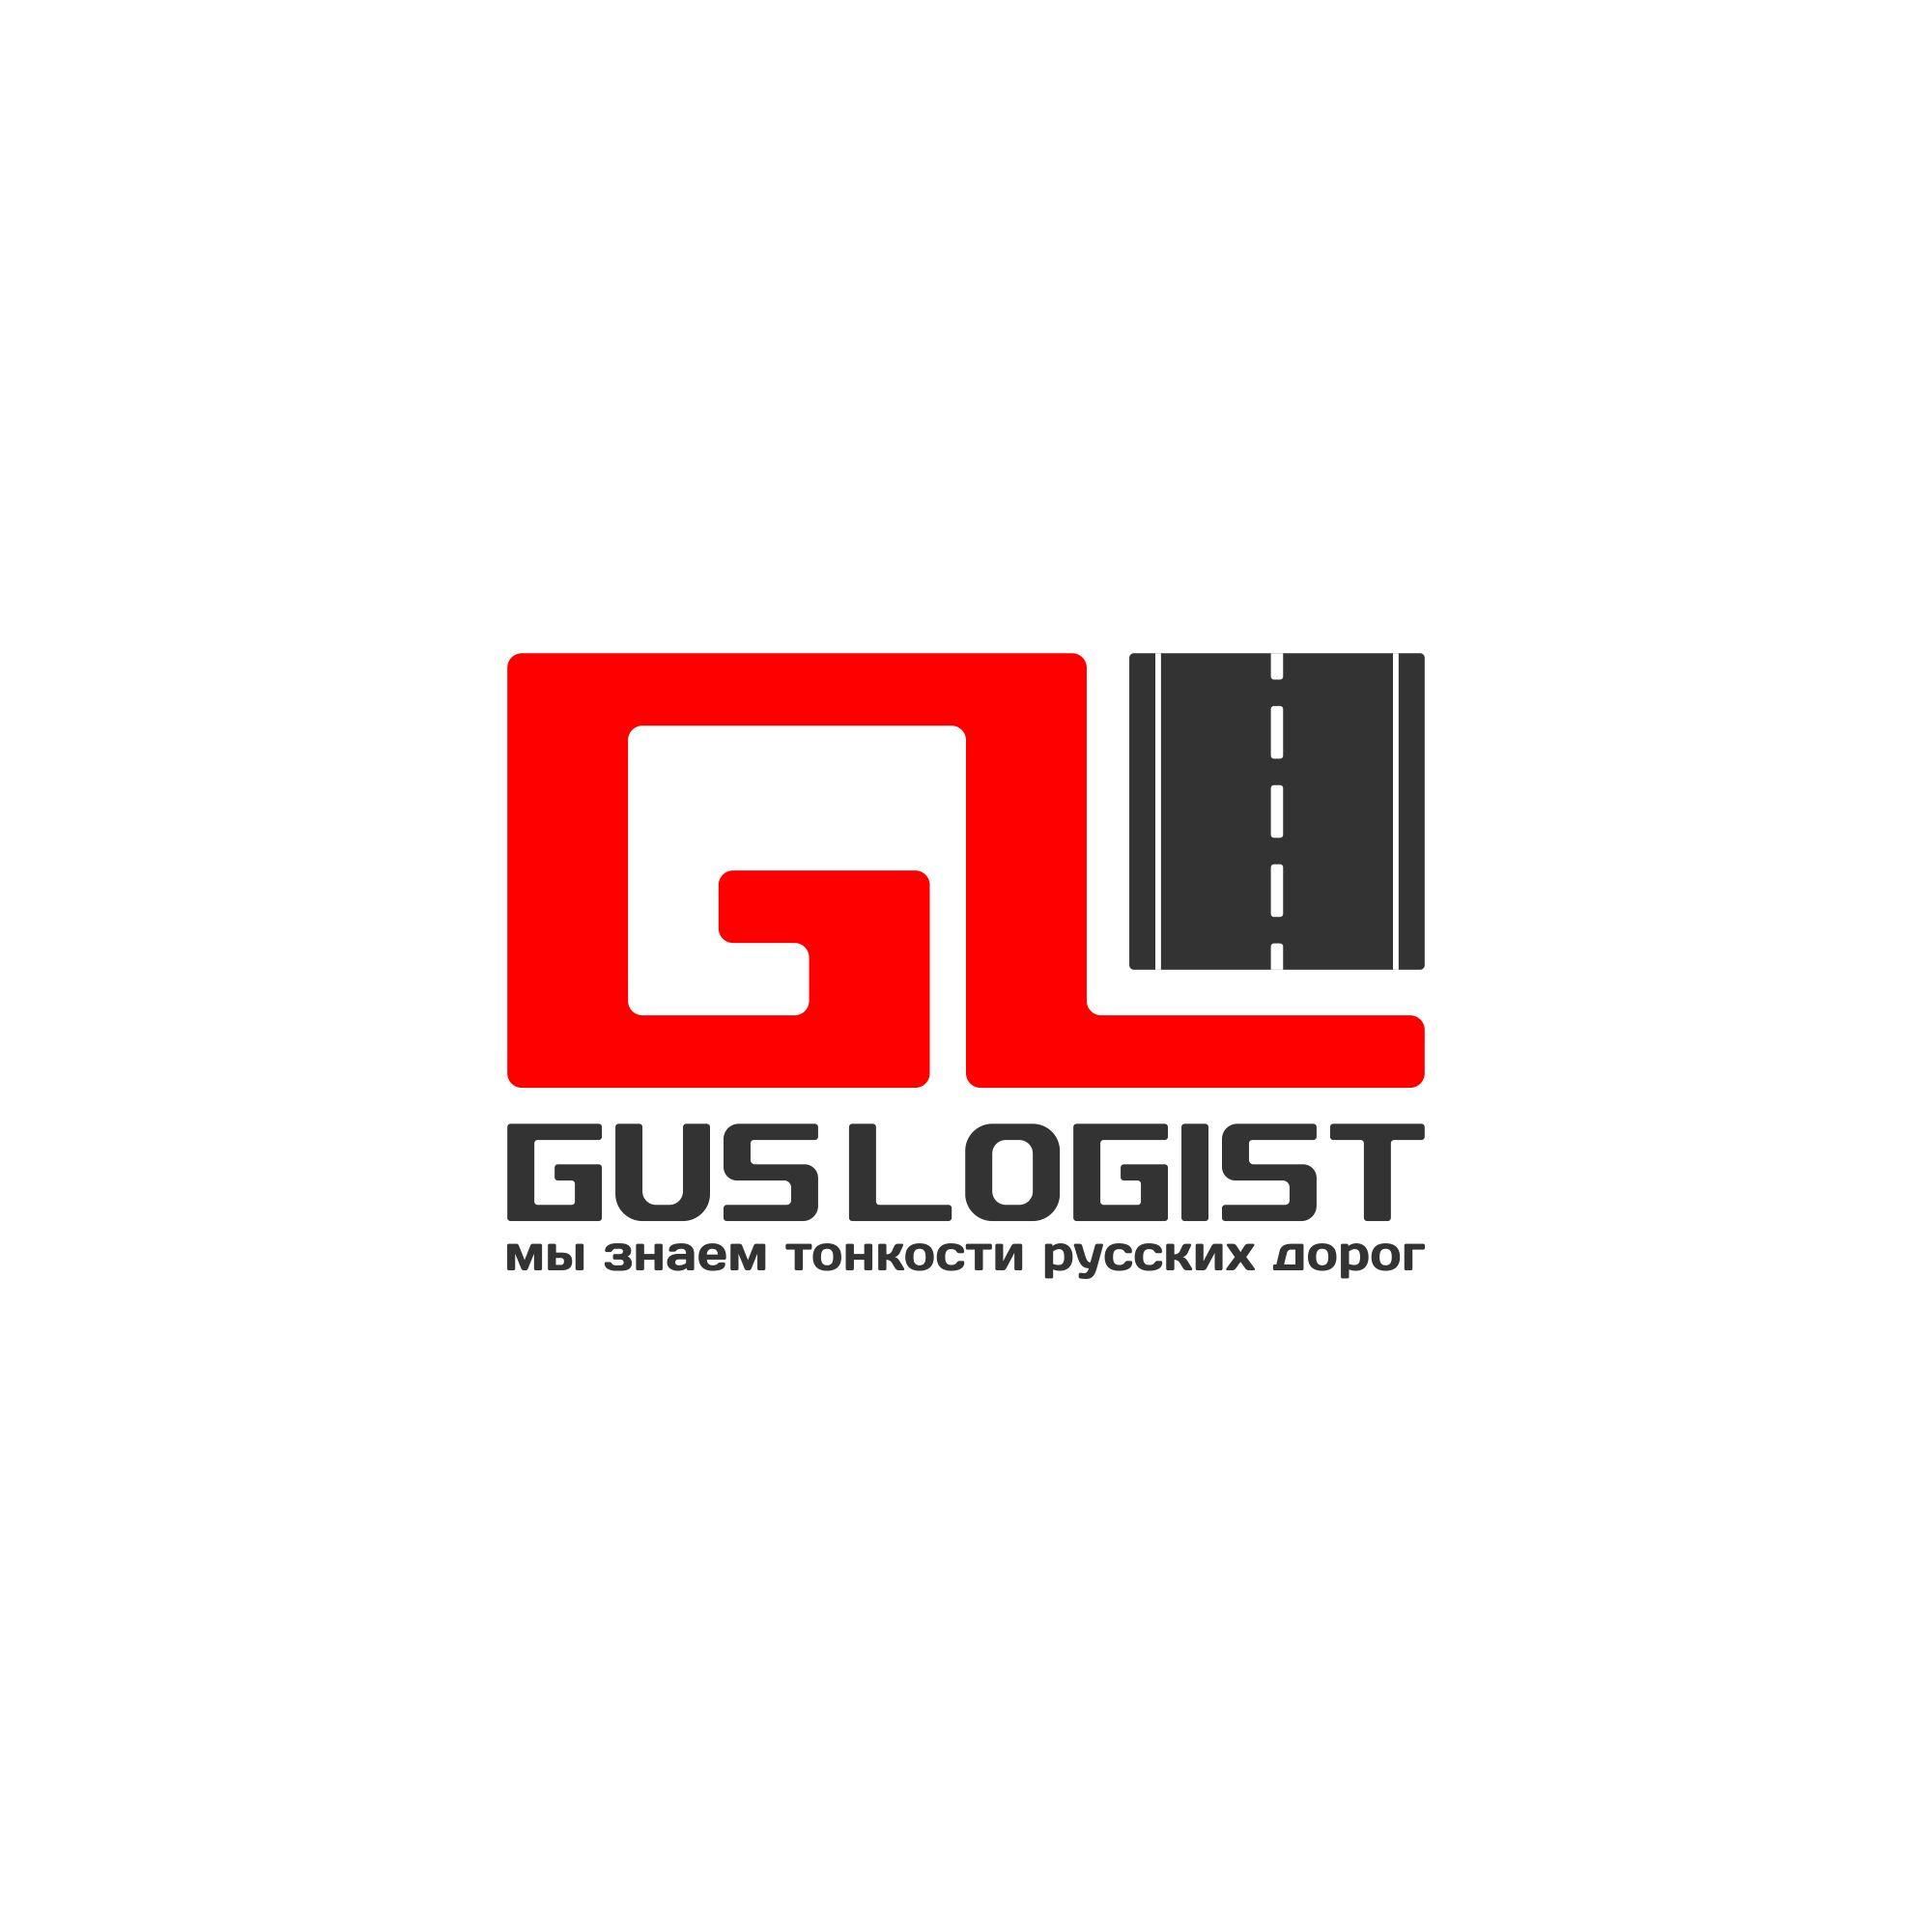 Логотип для транспортной компании - дизайнер bitart